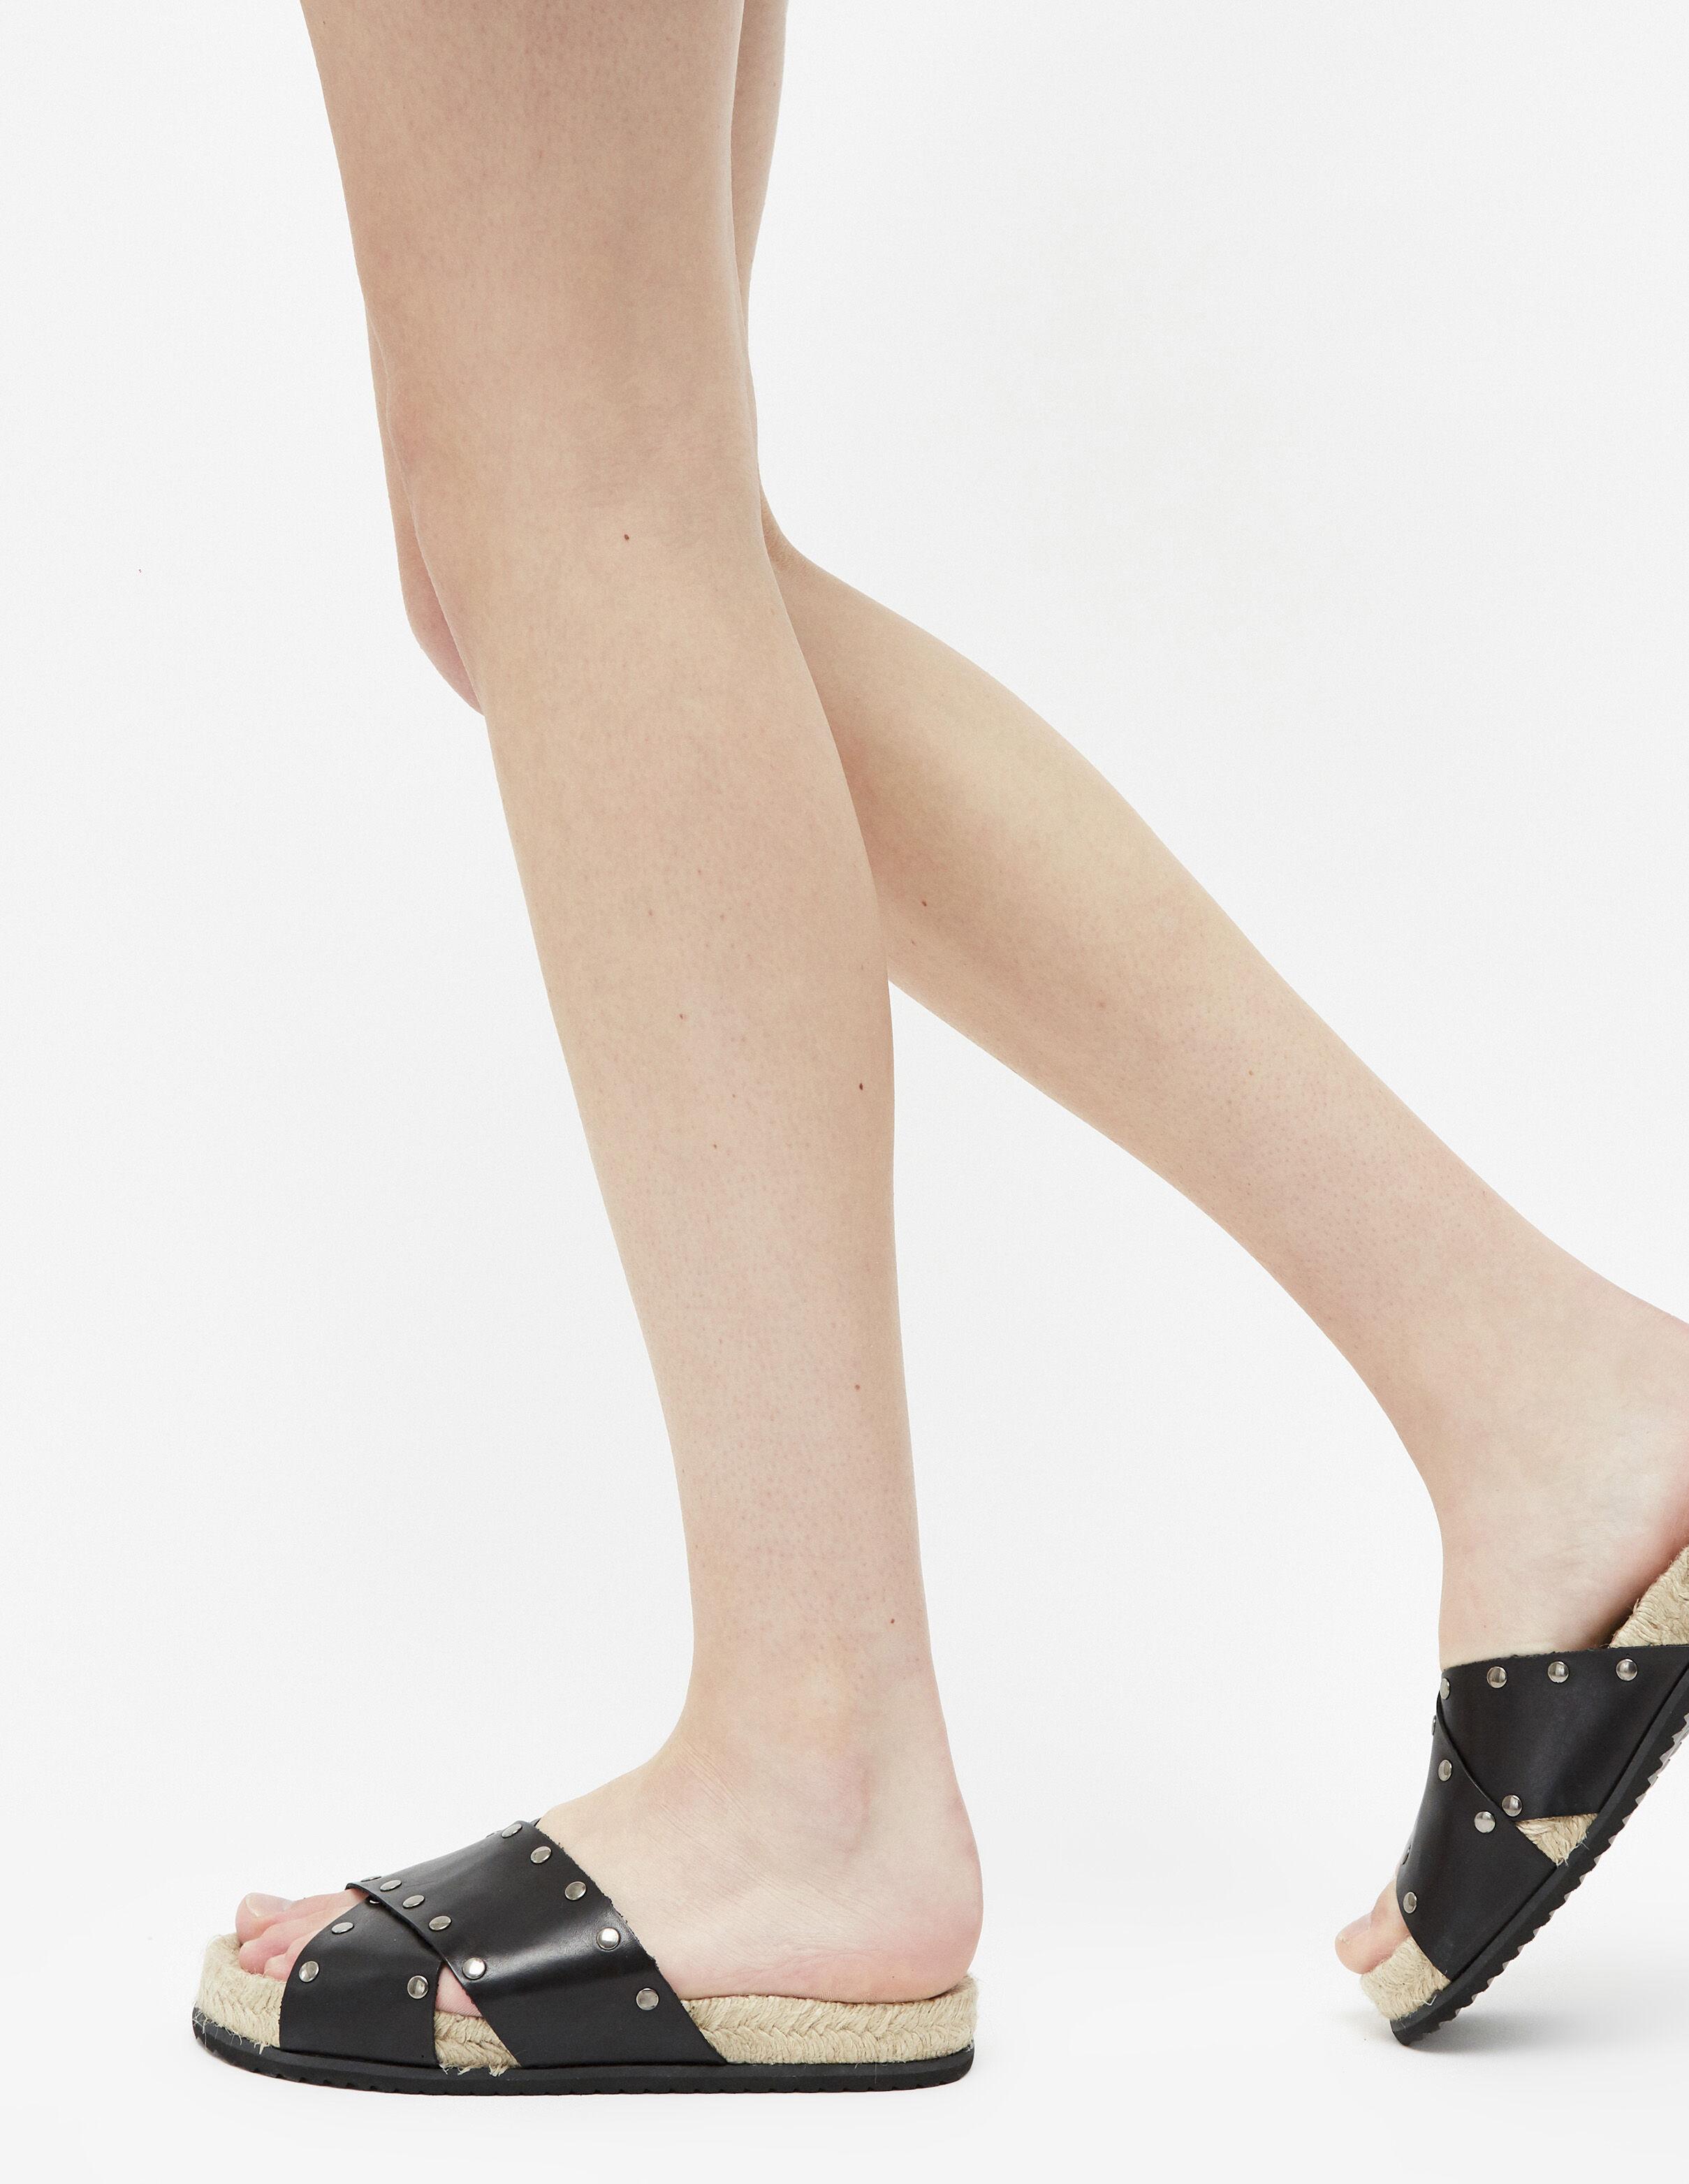 909d5697629cf6 Noires Femme Sandales Femme Cloutées Cloutées Noires Sandales Femme Noires  Sandales Cloutées Noires Cloutées Sandales tQCshrd